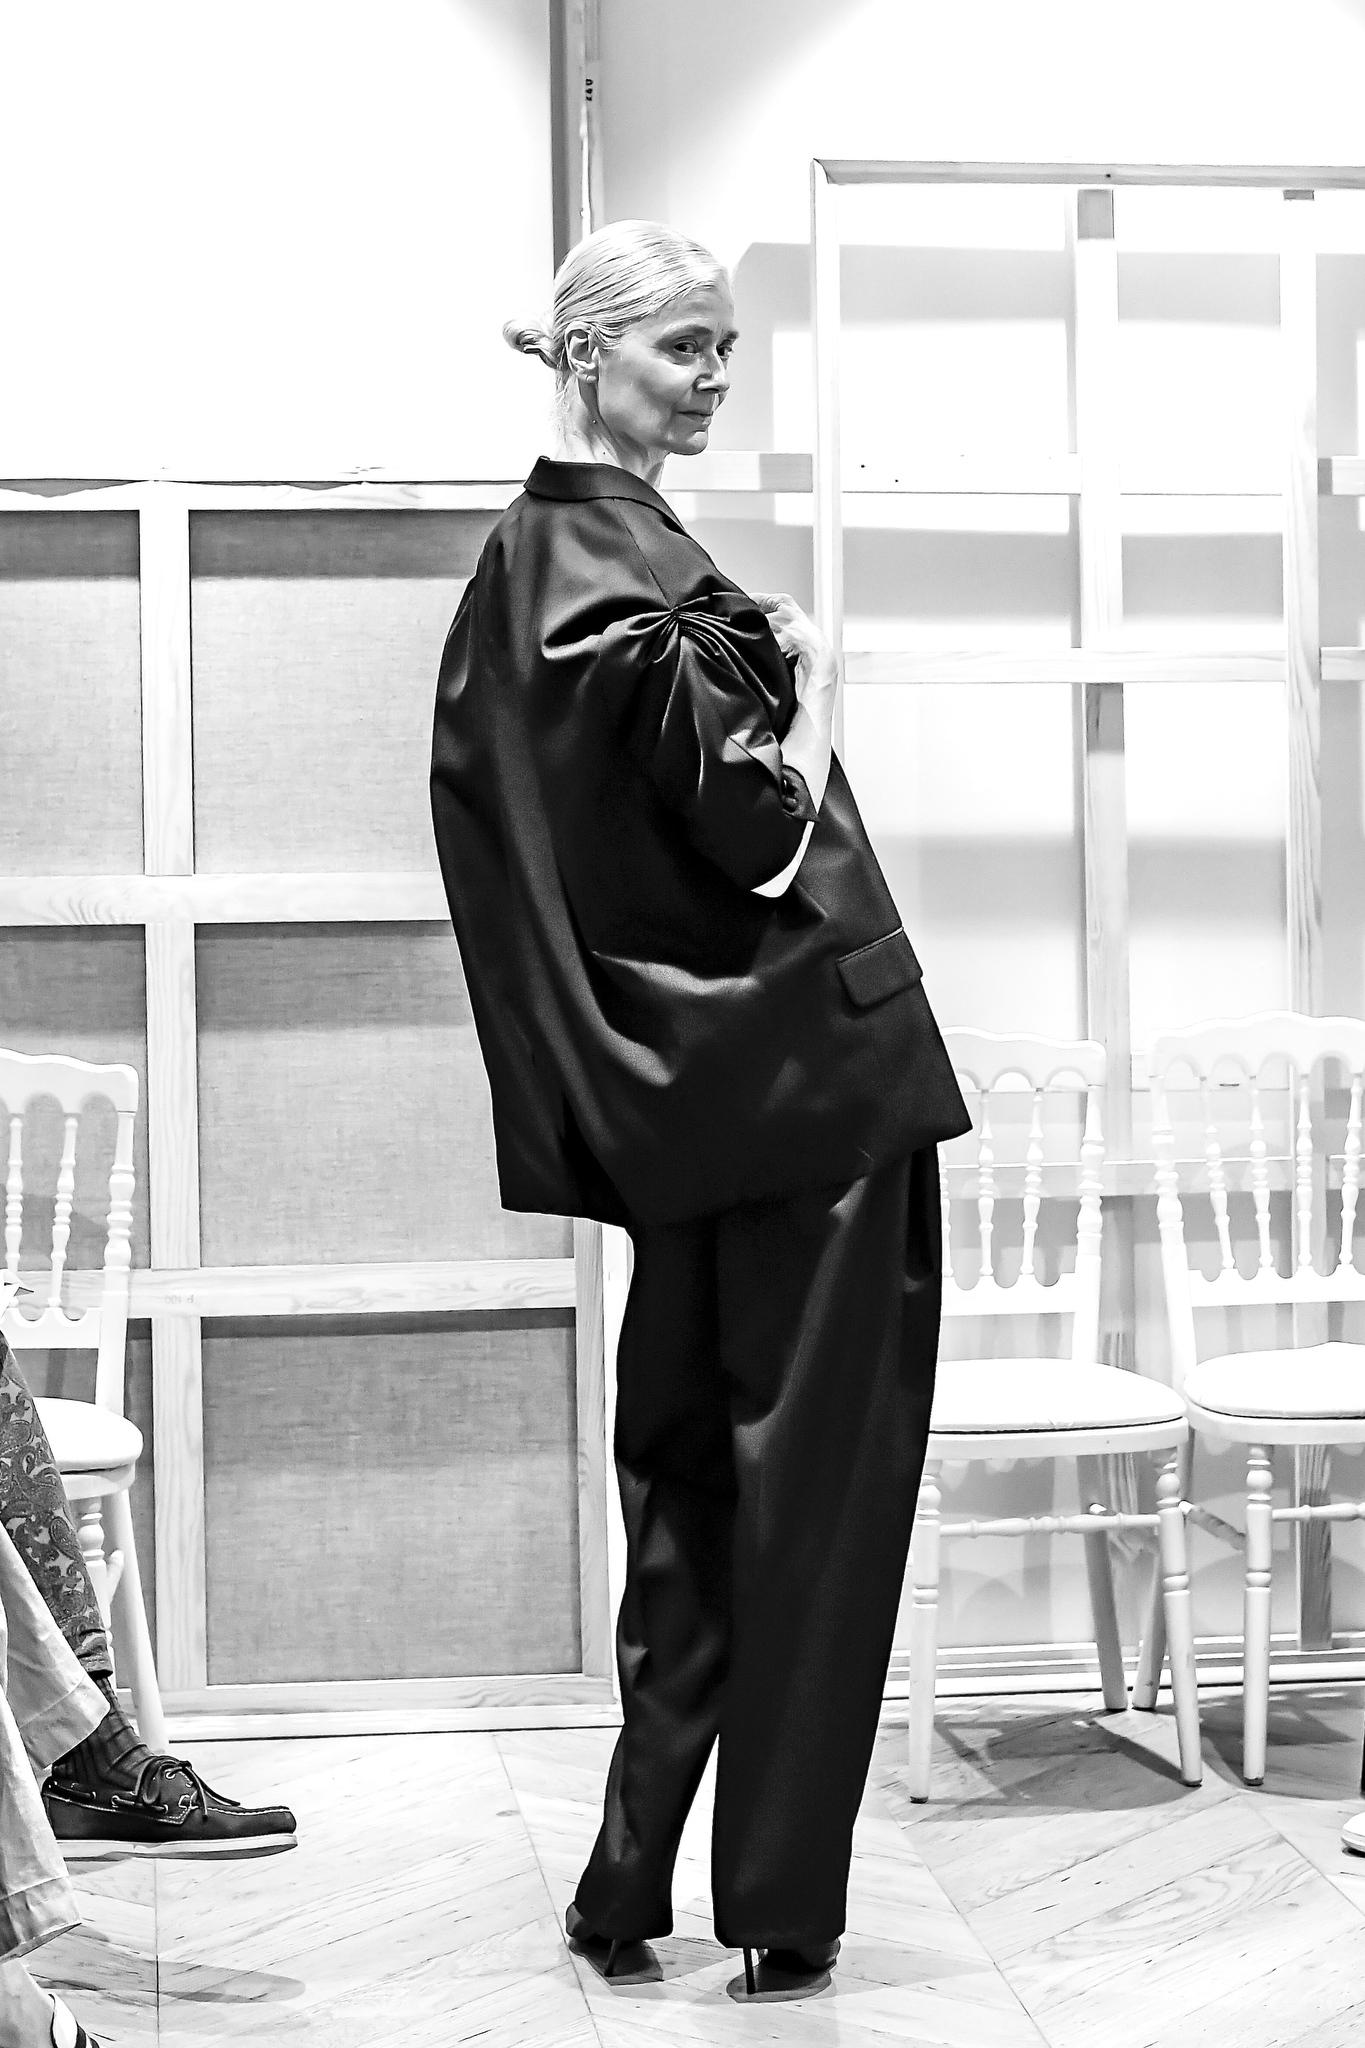 Moda Povera by Olivier Saillard Couture Fall 2021